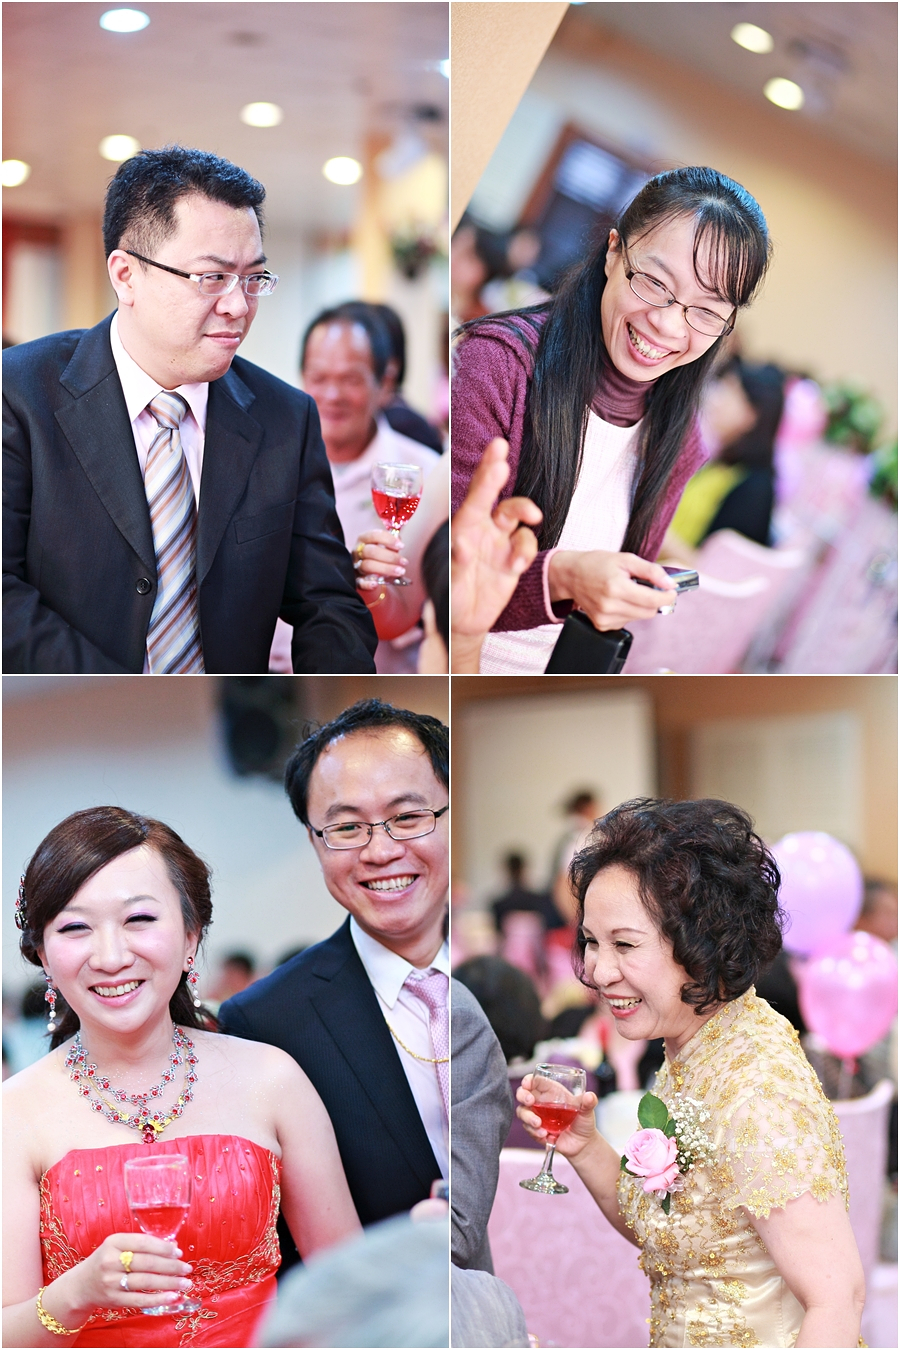 婚攝推薦,婚攝,婚禮記錄,搖滾雙魚,高雄海口味餐廳,婚禮攝影